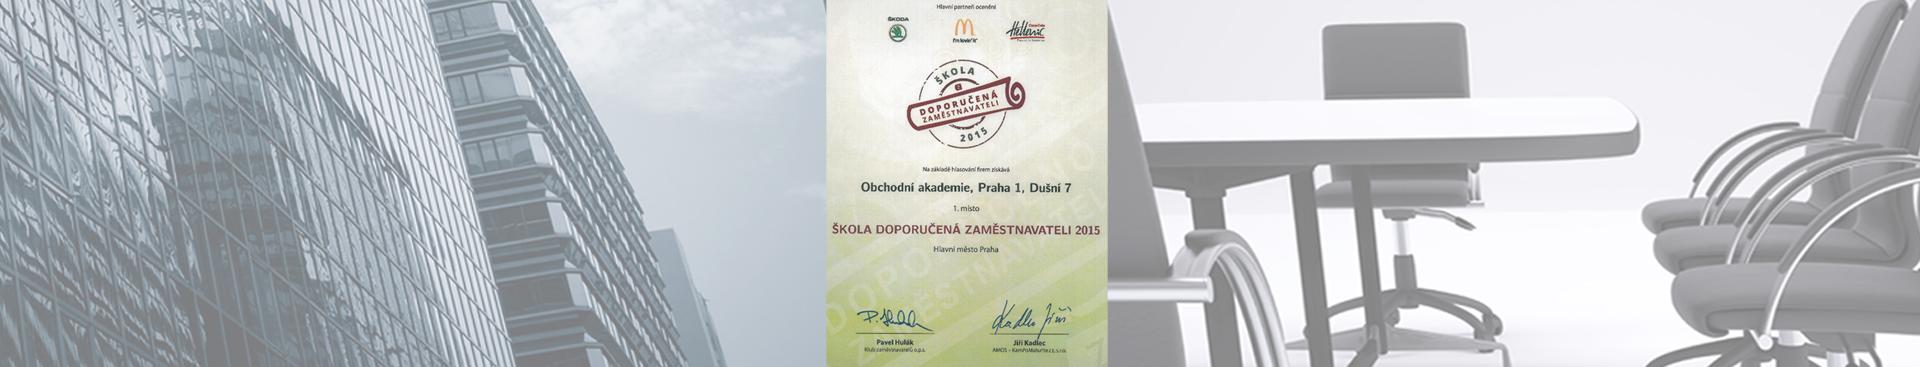 Škola doporučená zaměstnavateli 2015